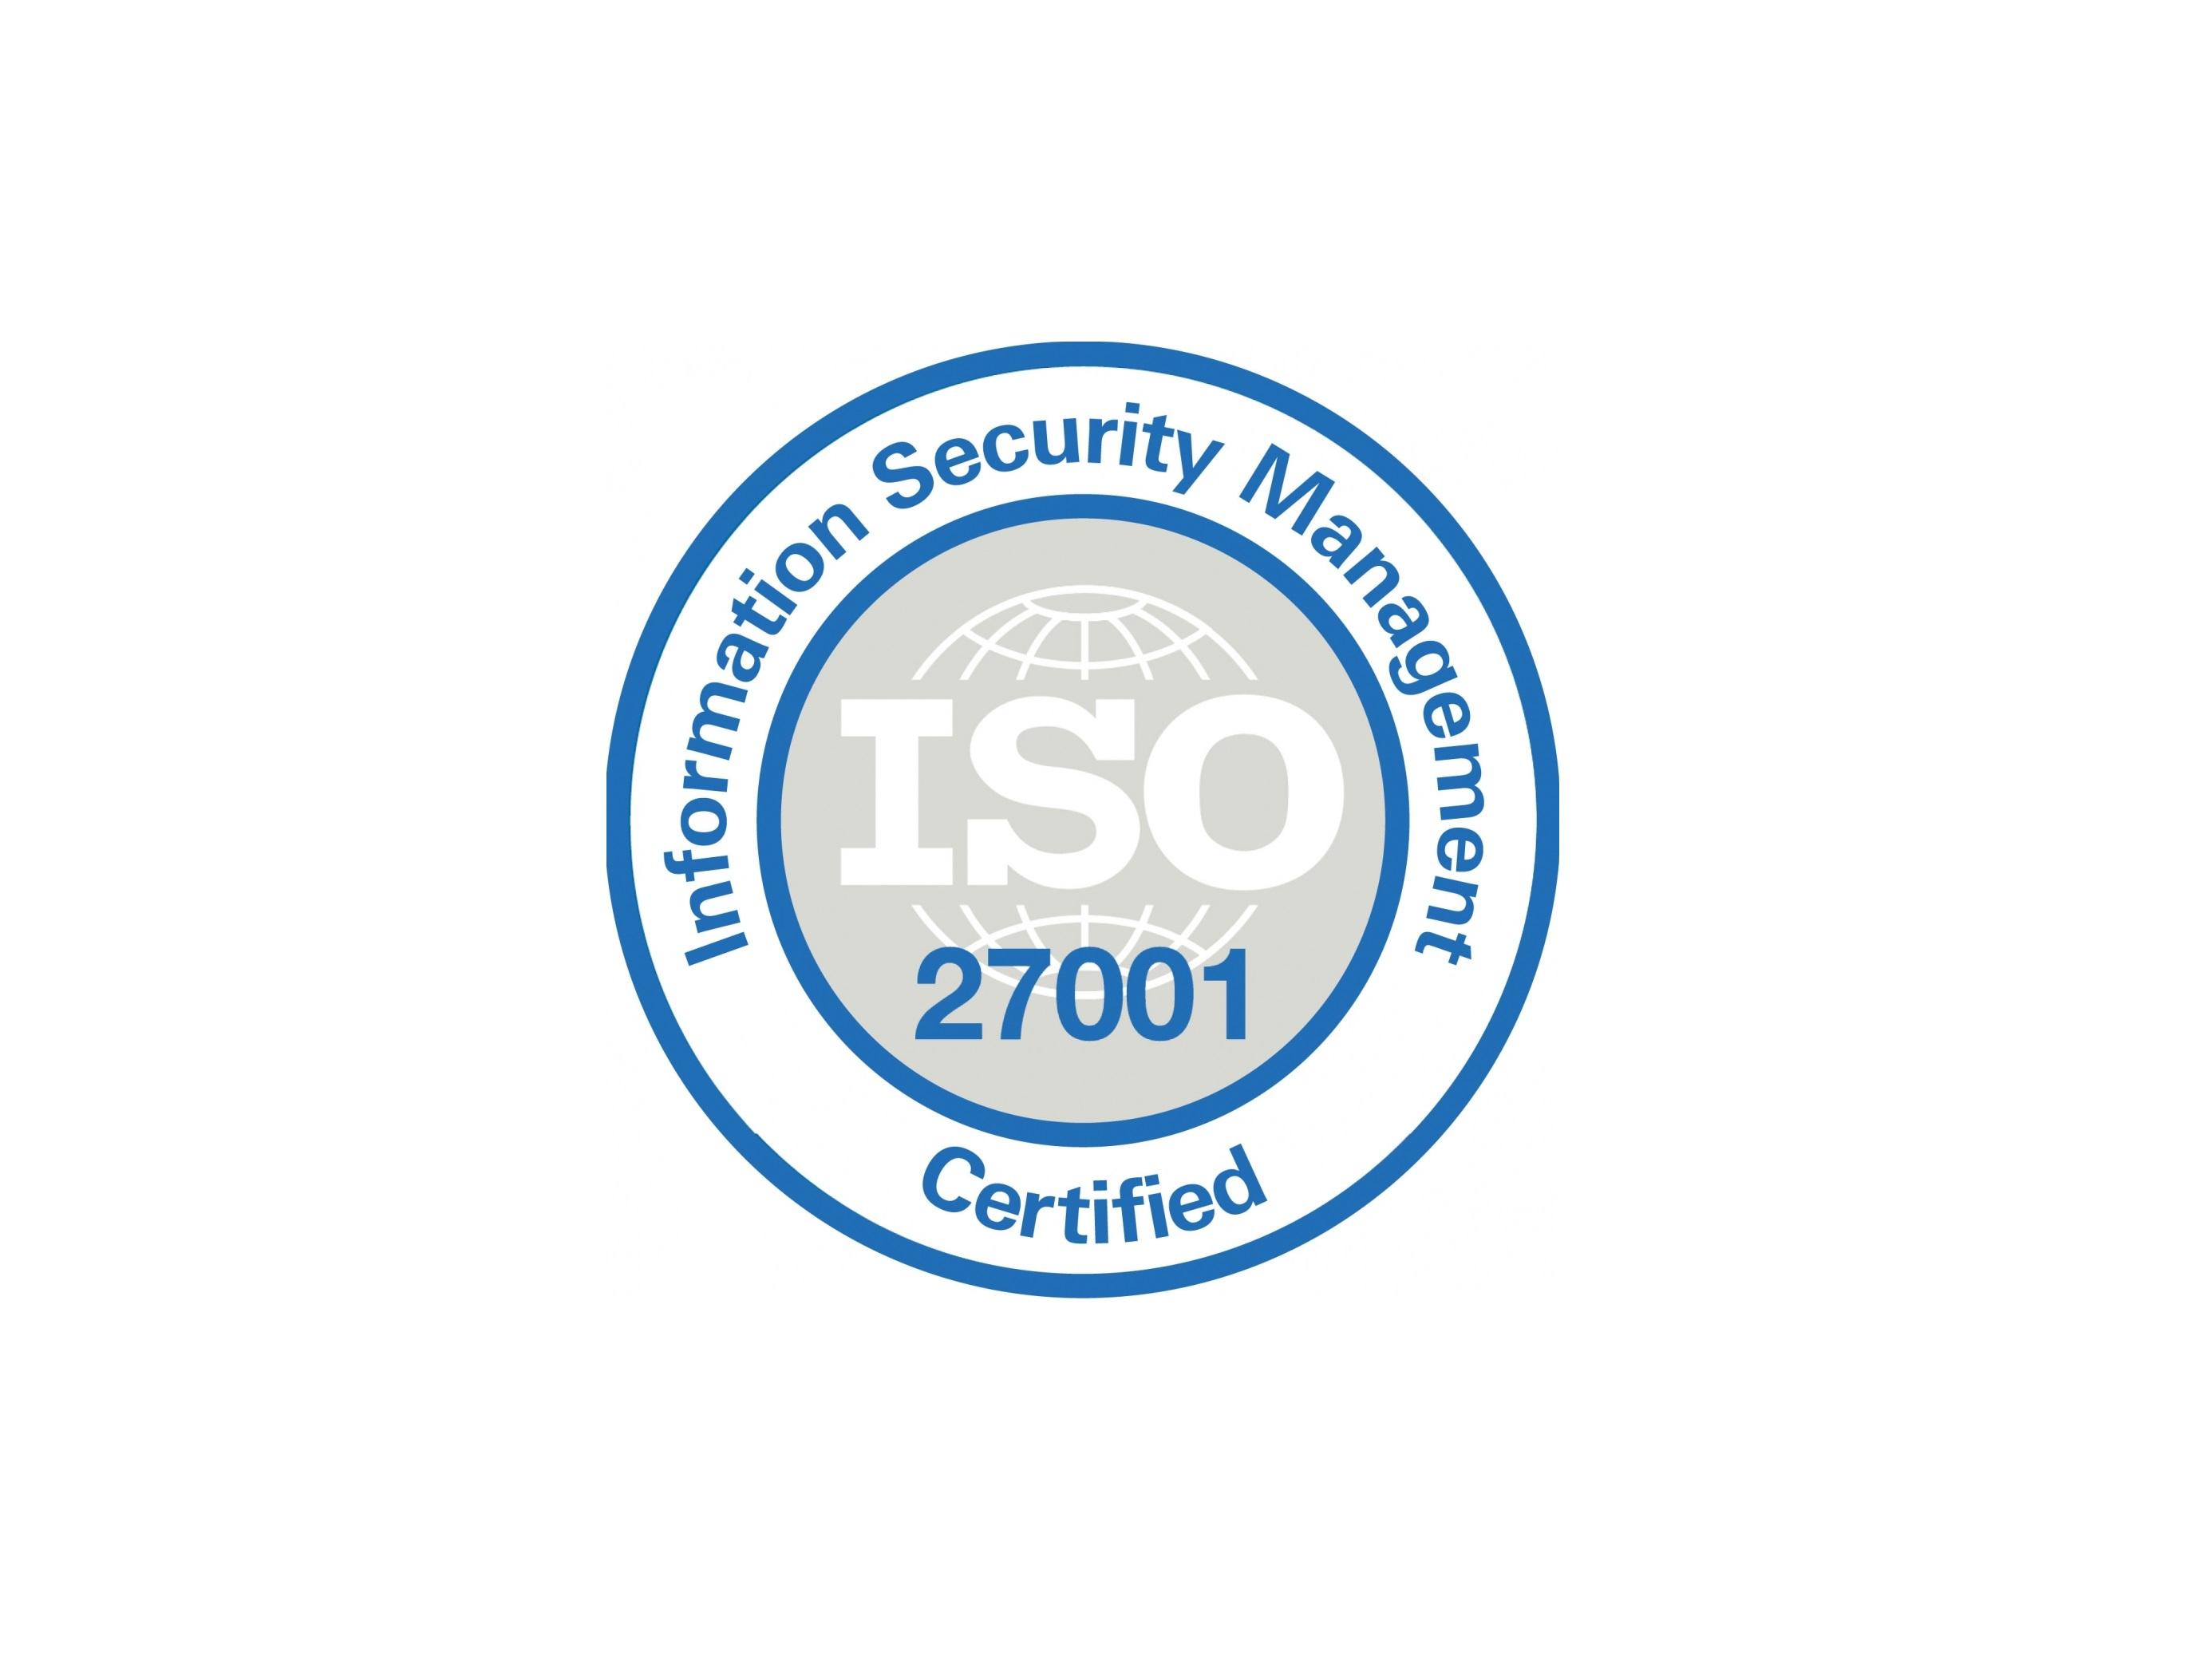 Дата-центр «Парковый» подтвердил высокий уровень информационной безопасности   | datapark.com.ua